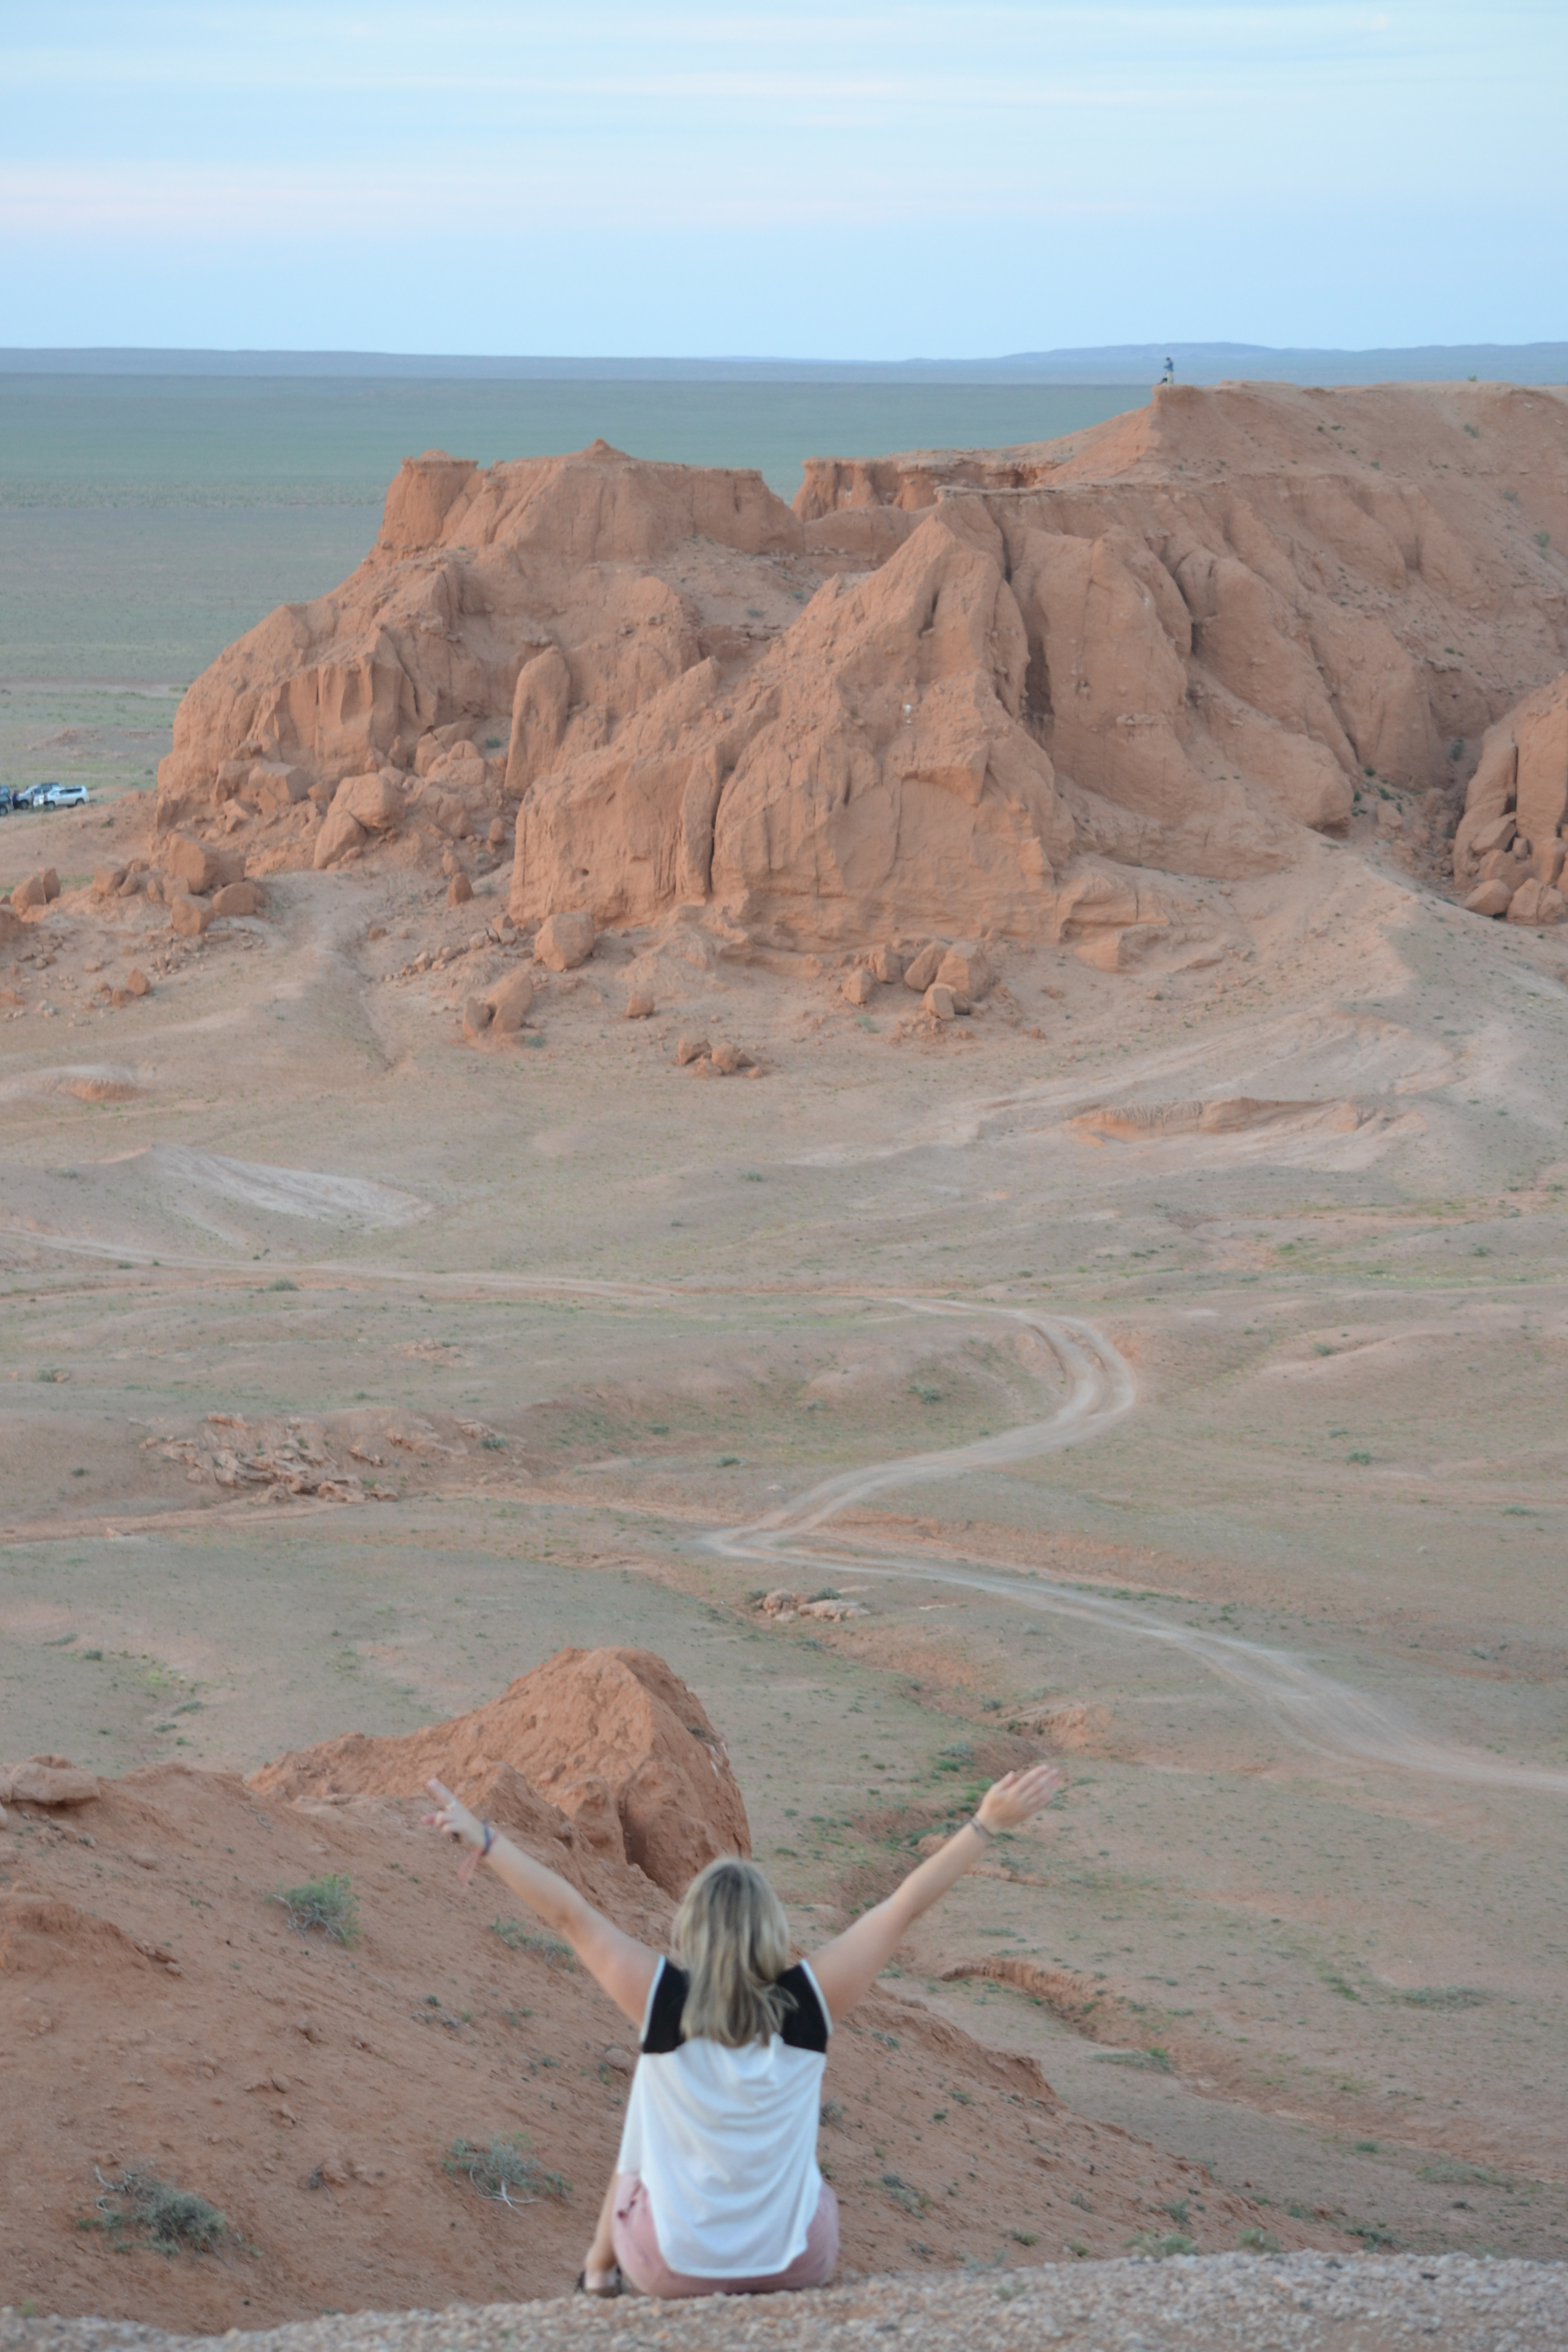 image of terrain of gobi desert